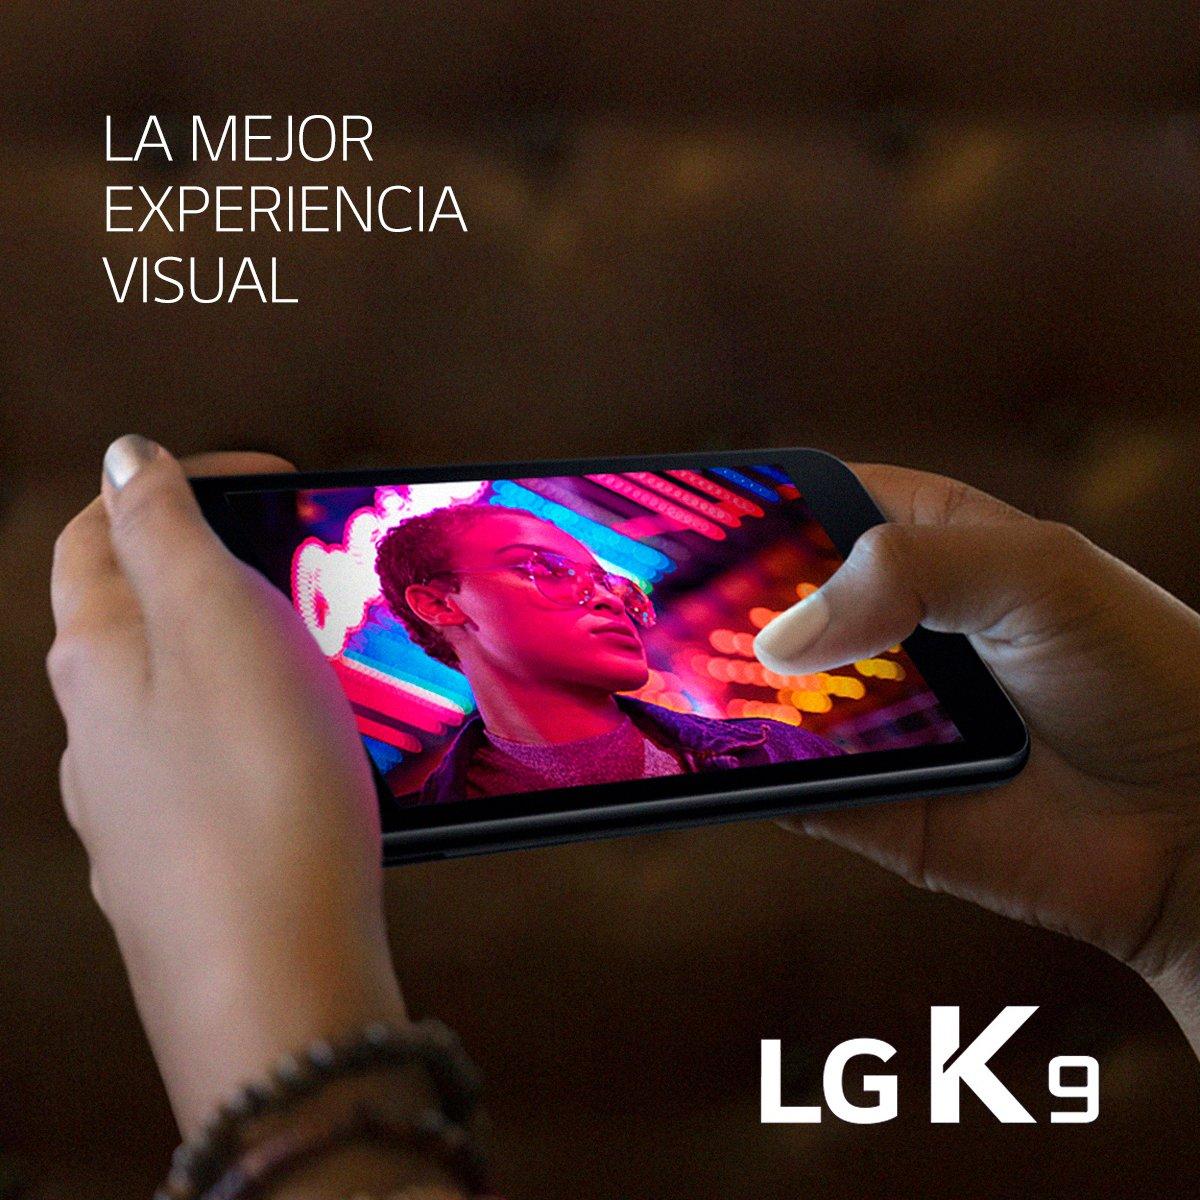 El placer de los detalles HD en tus manos! Descubrí la experiencia #LGK9 viendo tus series, juegos y películas con la mejor resolución. https://t.co/BtPNsTeyXQ